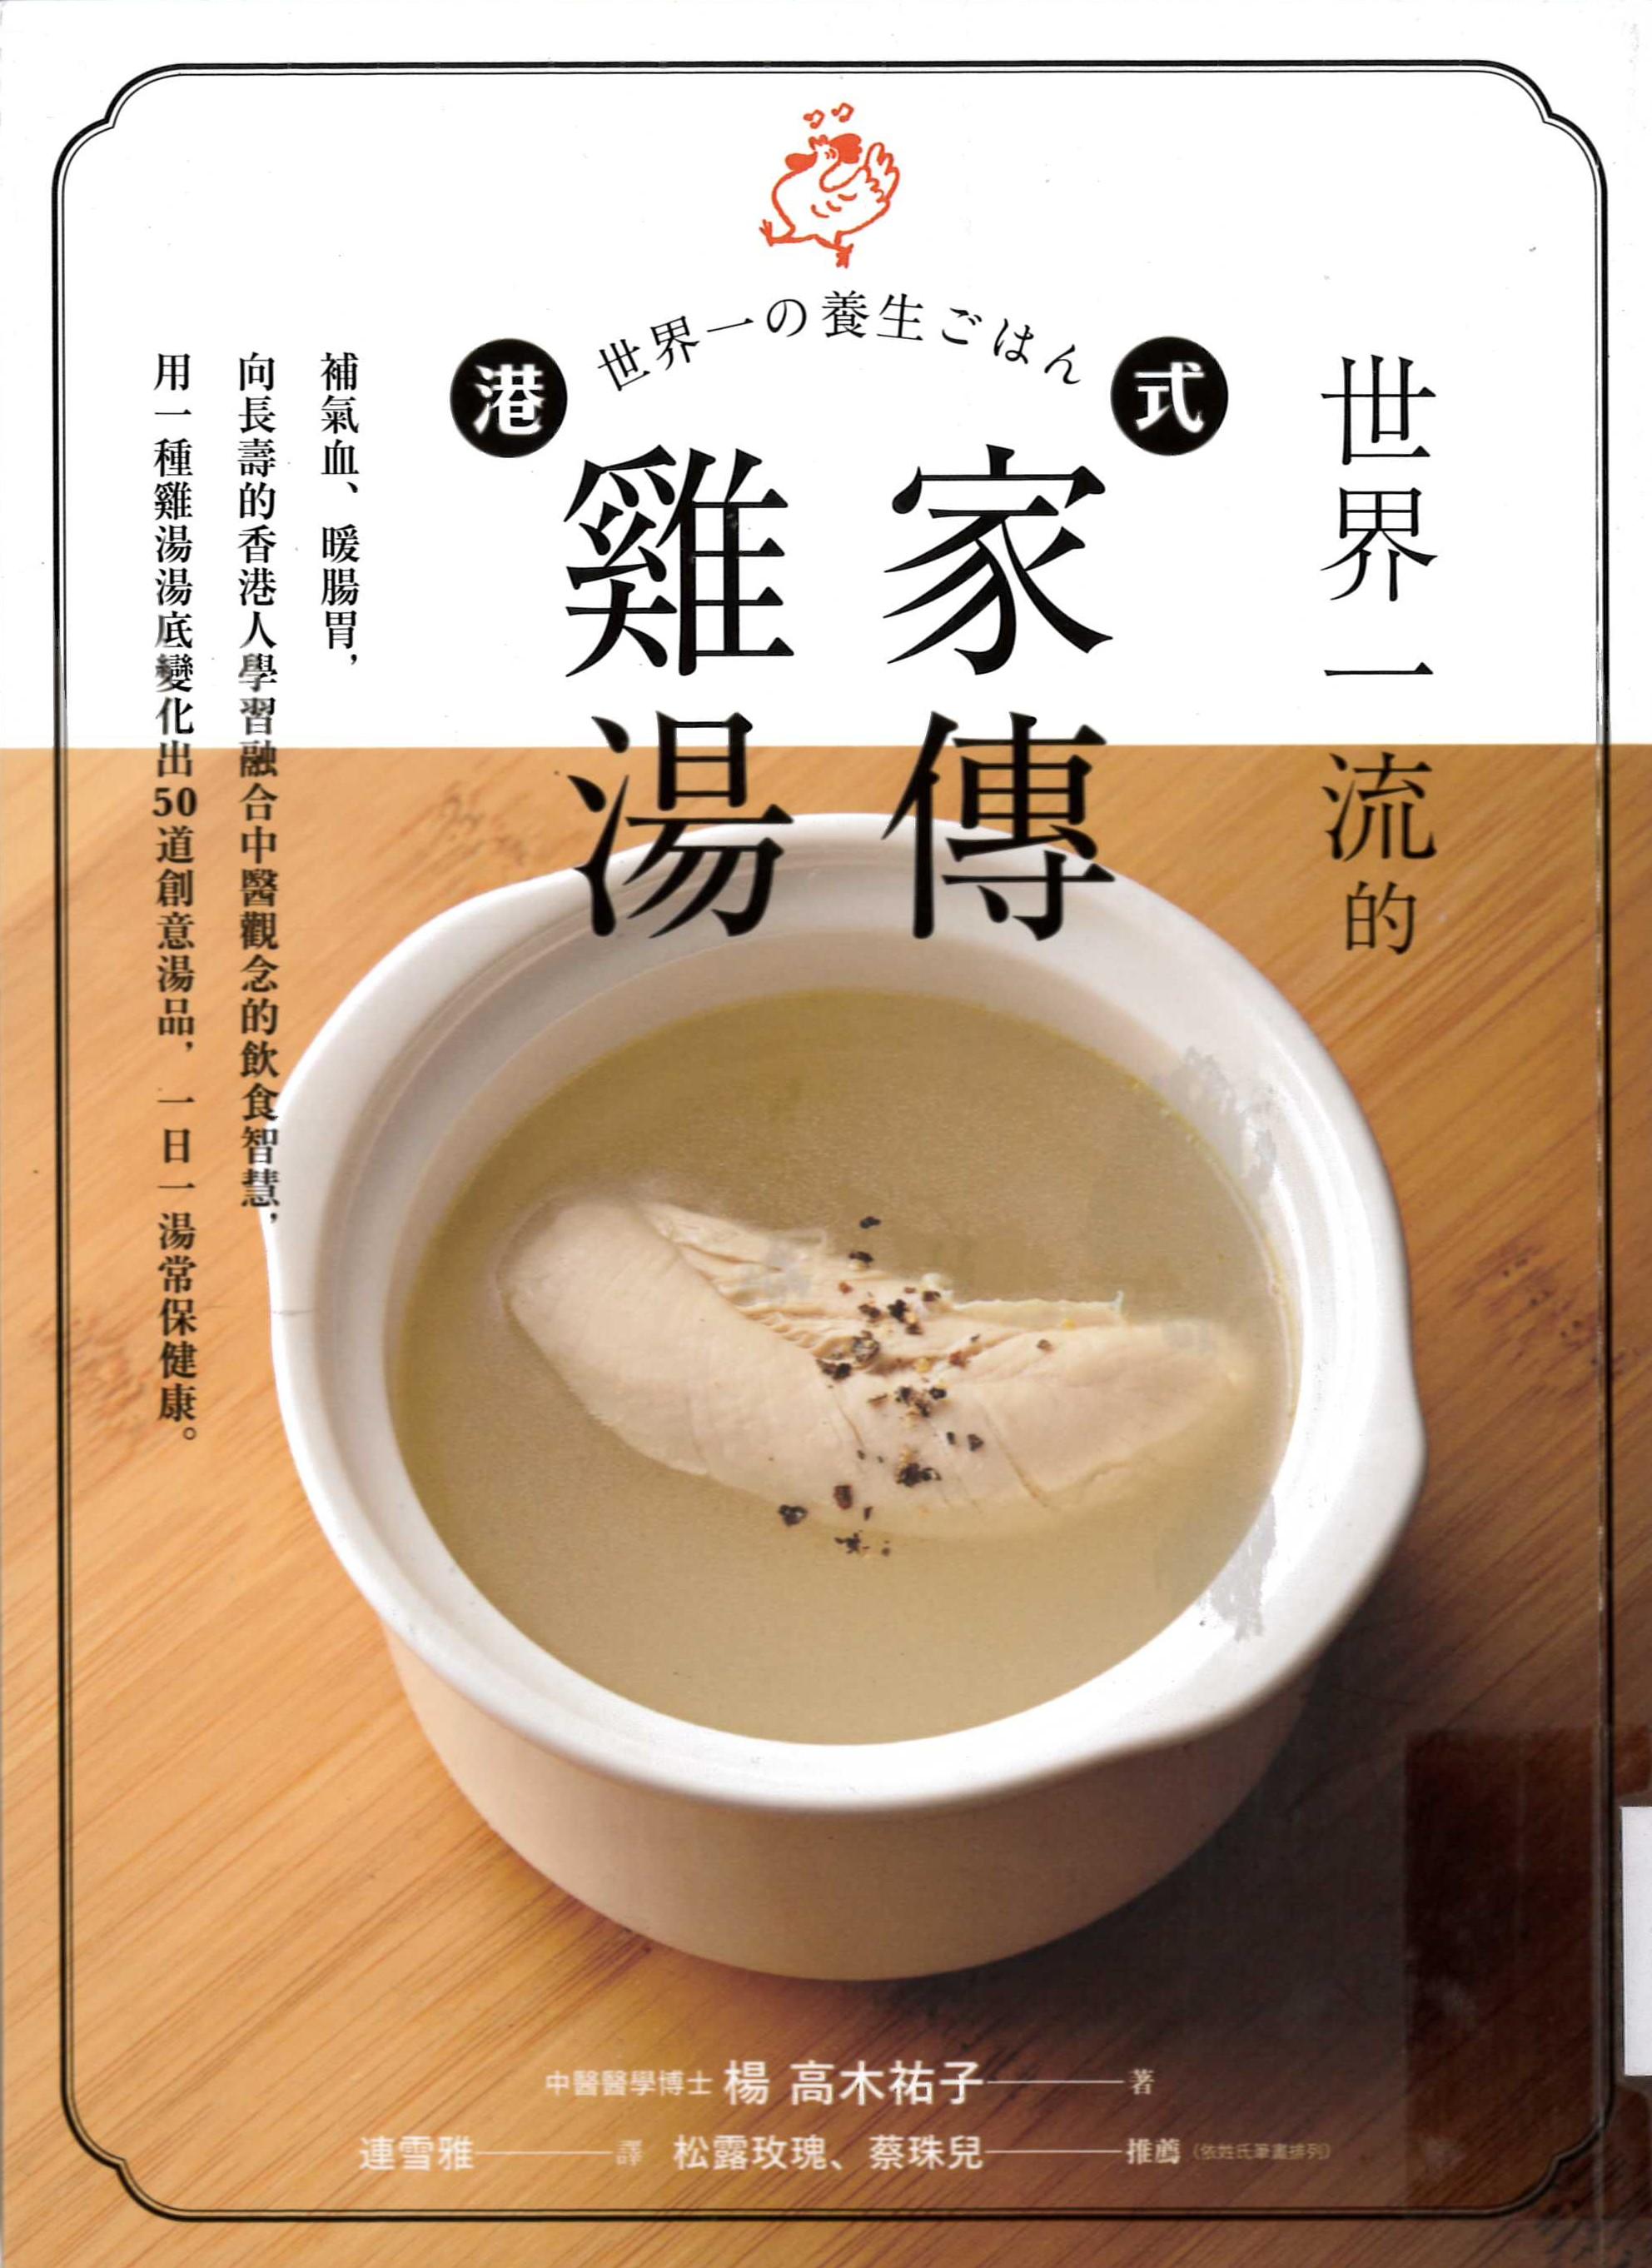 世界一流的港式家傳雞湯